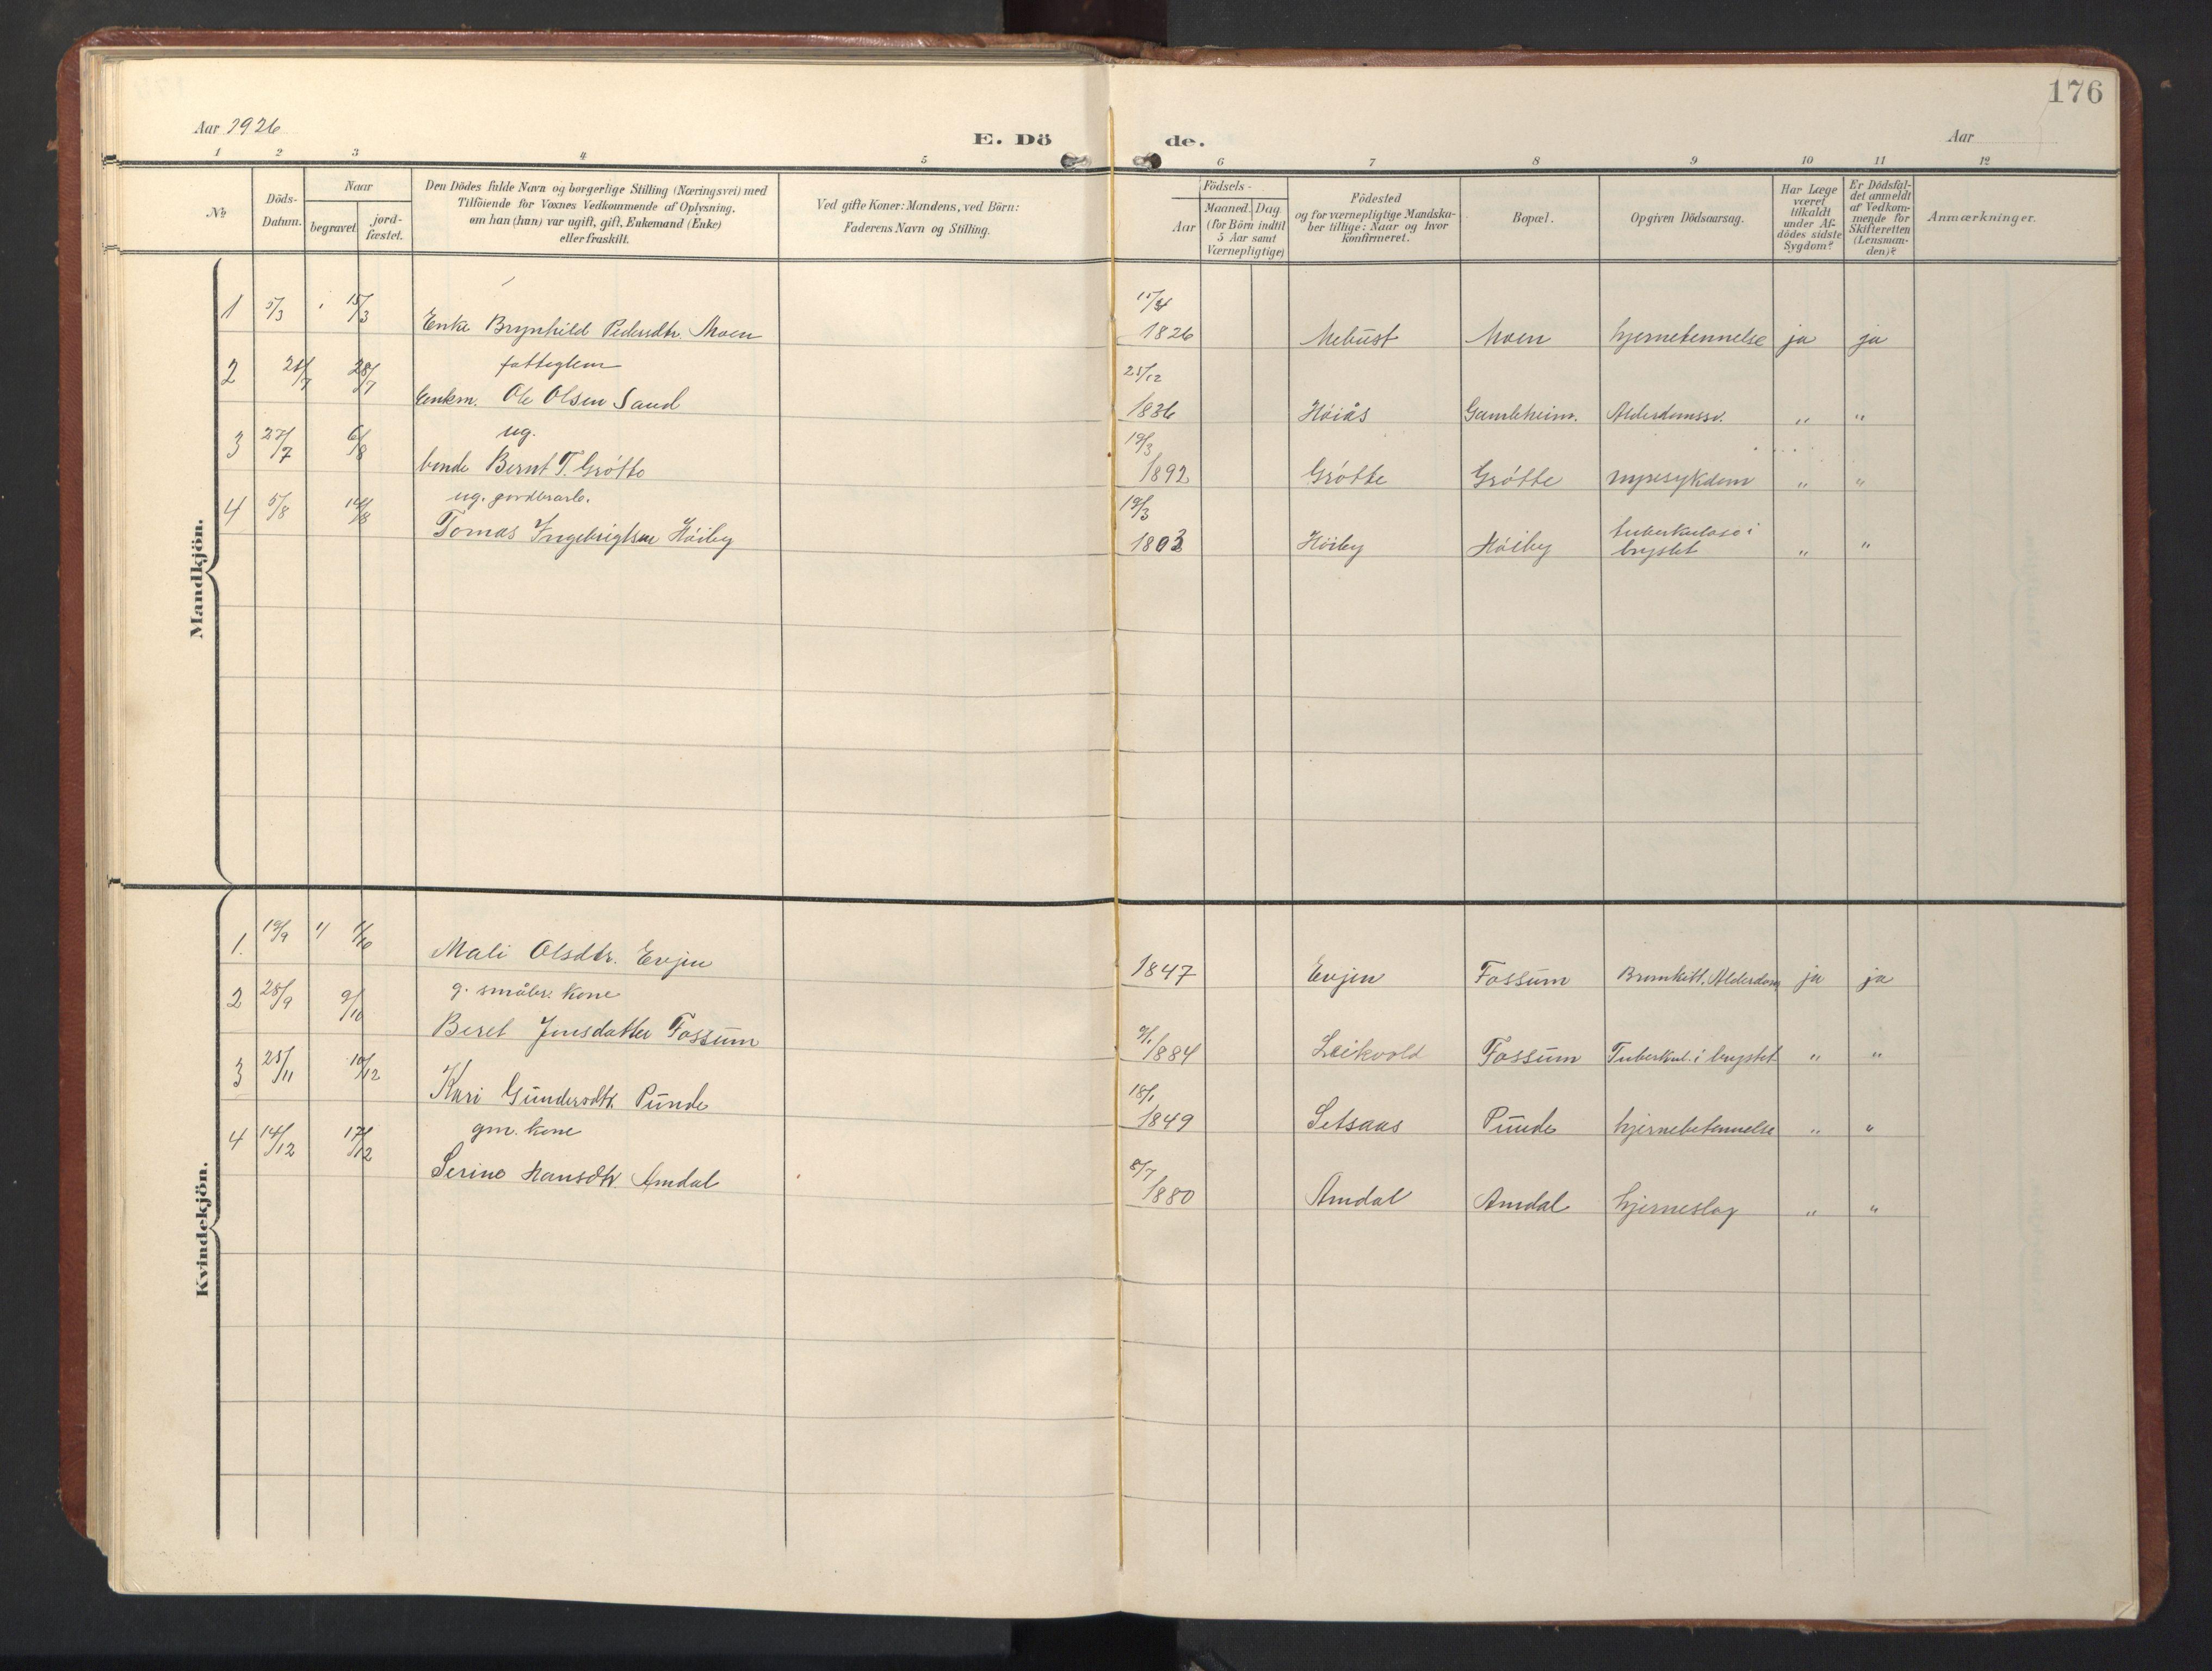 SAT, Ministerialprotokoller, klokkerbøker og fødselsregistre - Sør-Trøndelag, 696/L1161: Klokkerbok nr. 696C01, 1902-1950, s. 176